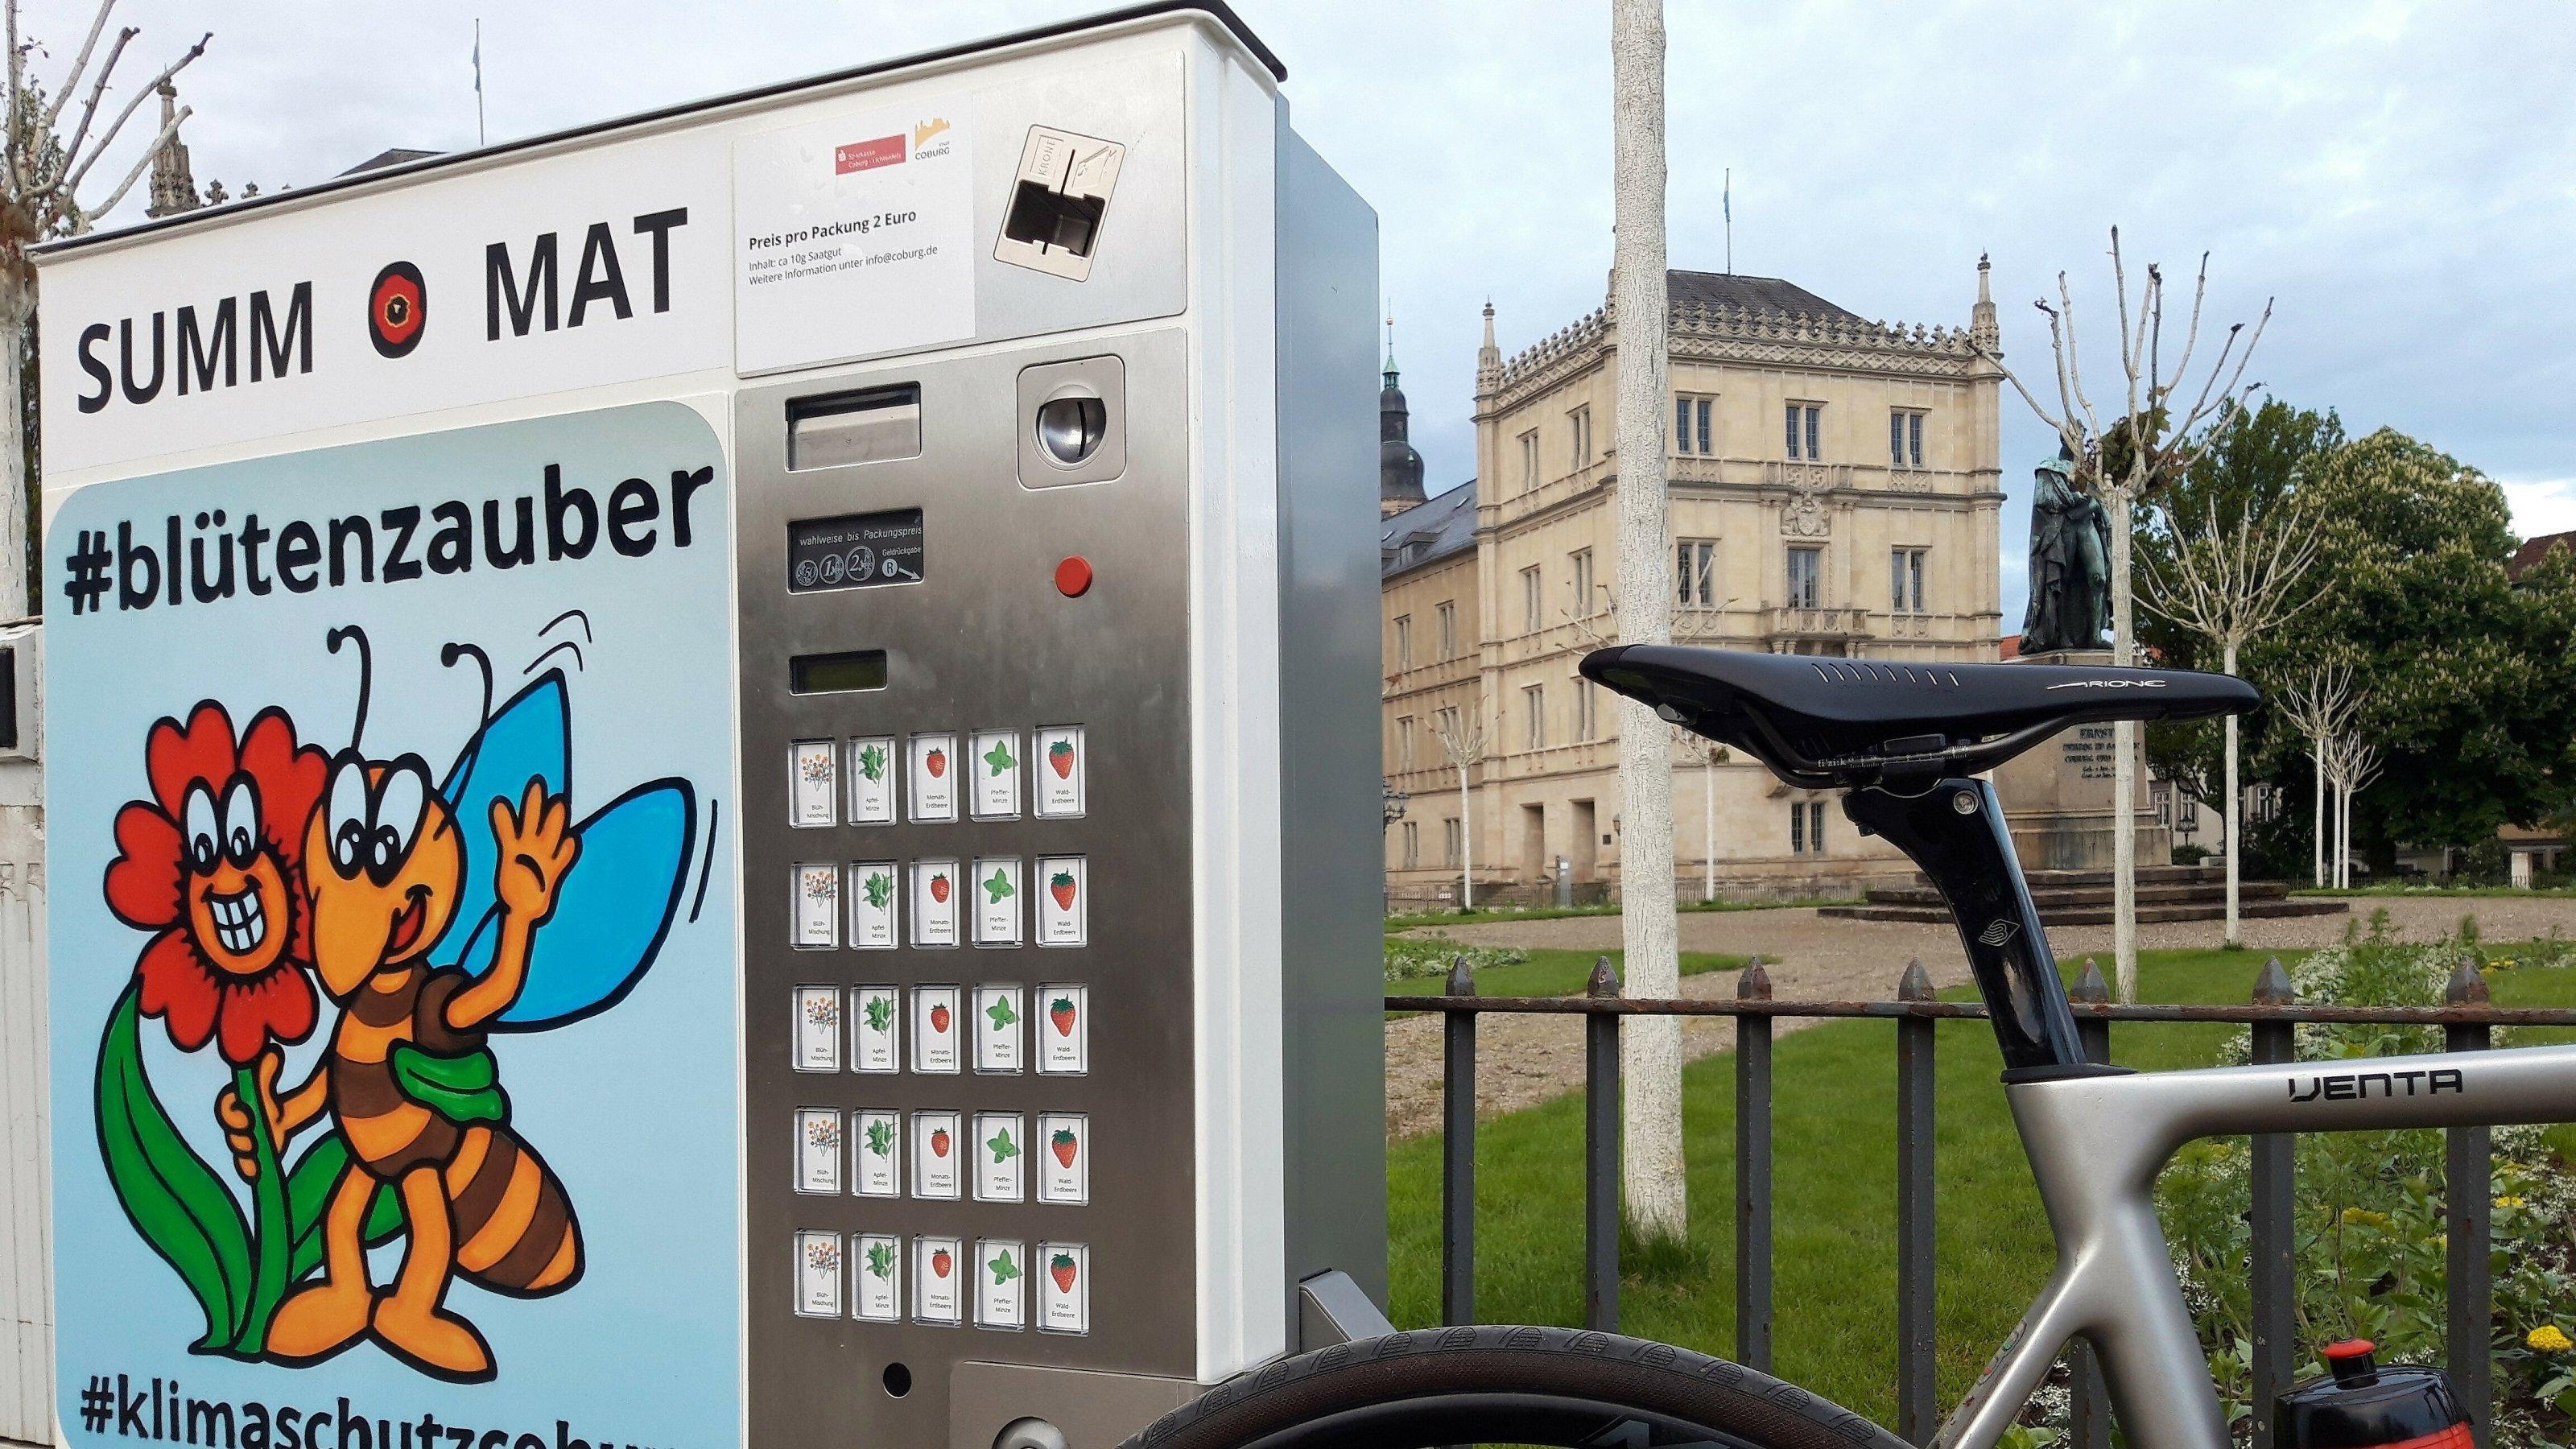 """Ein moderner Zigarettenautomat ist abgewandelt zum """"Summ-O-Mat"""", dessen Front die Comic-Zeichnung einer Biene ziert, die eine rote Blüte umarmt. Im Hintergrund Schloss Ehrenburg."""